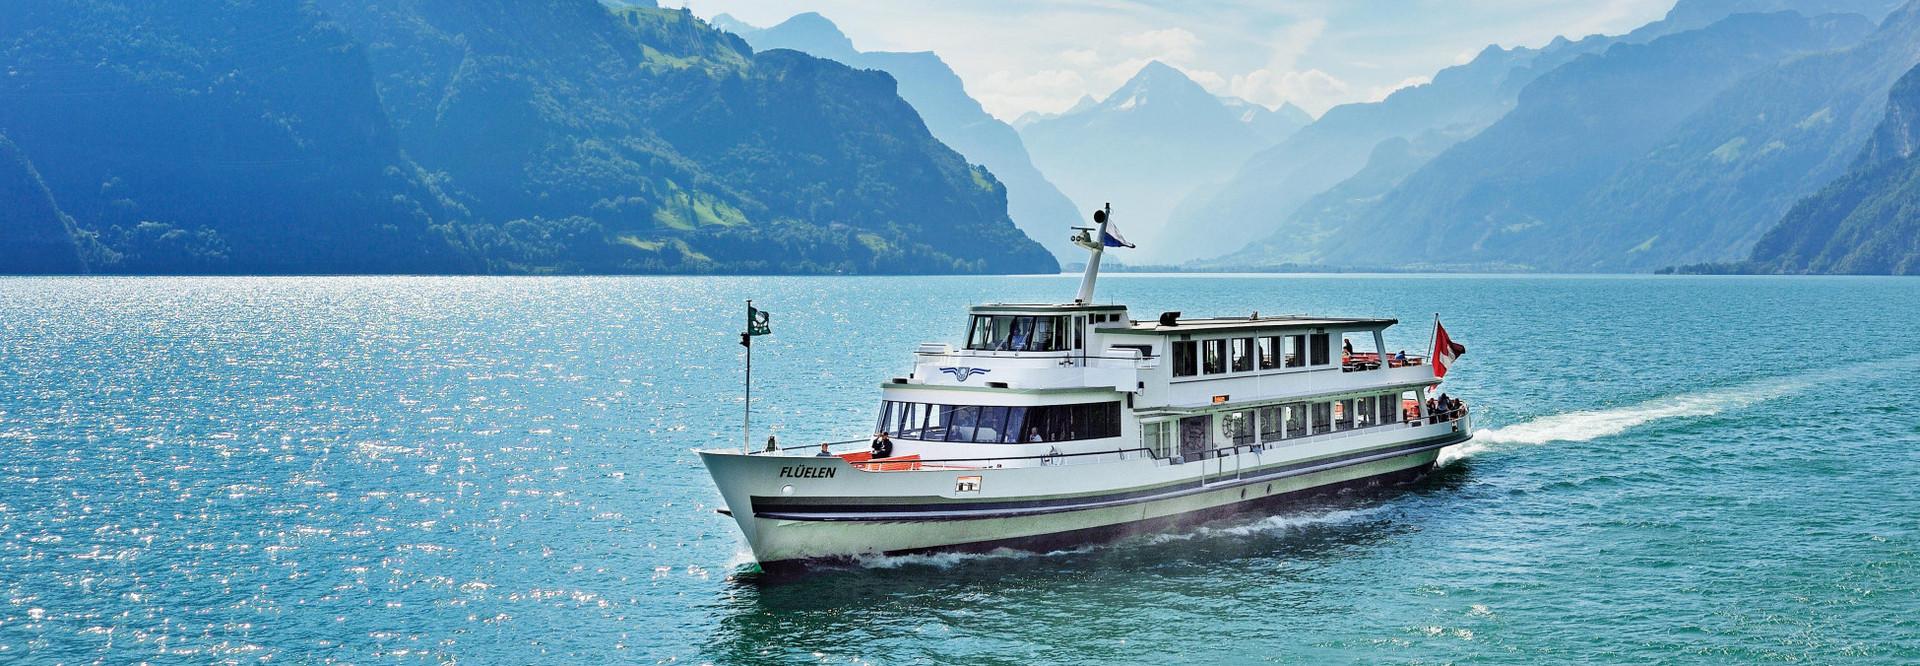 Das Motorschiff Flüelen fährt an einem wunderschönen Sommertag von Uri nach Luzern.